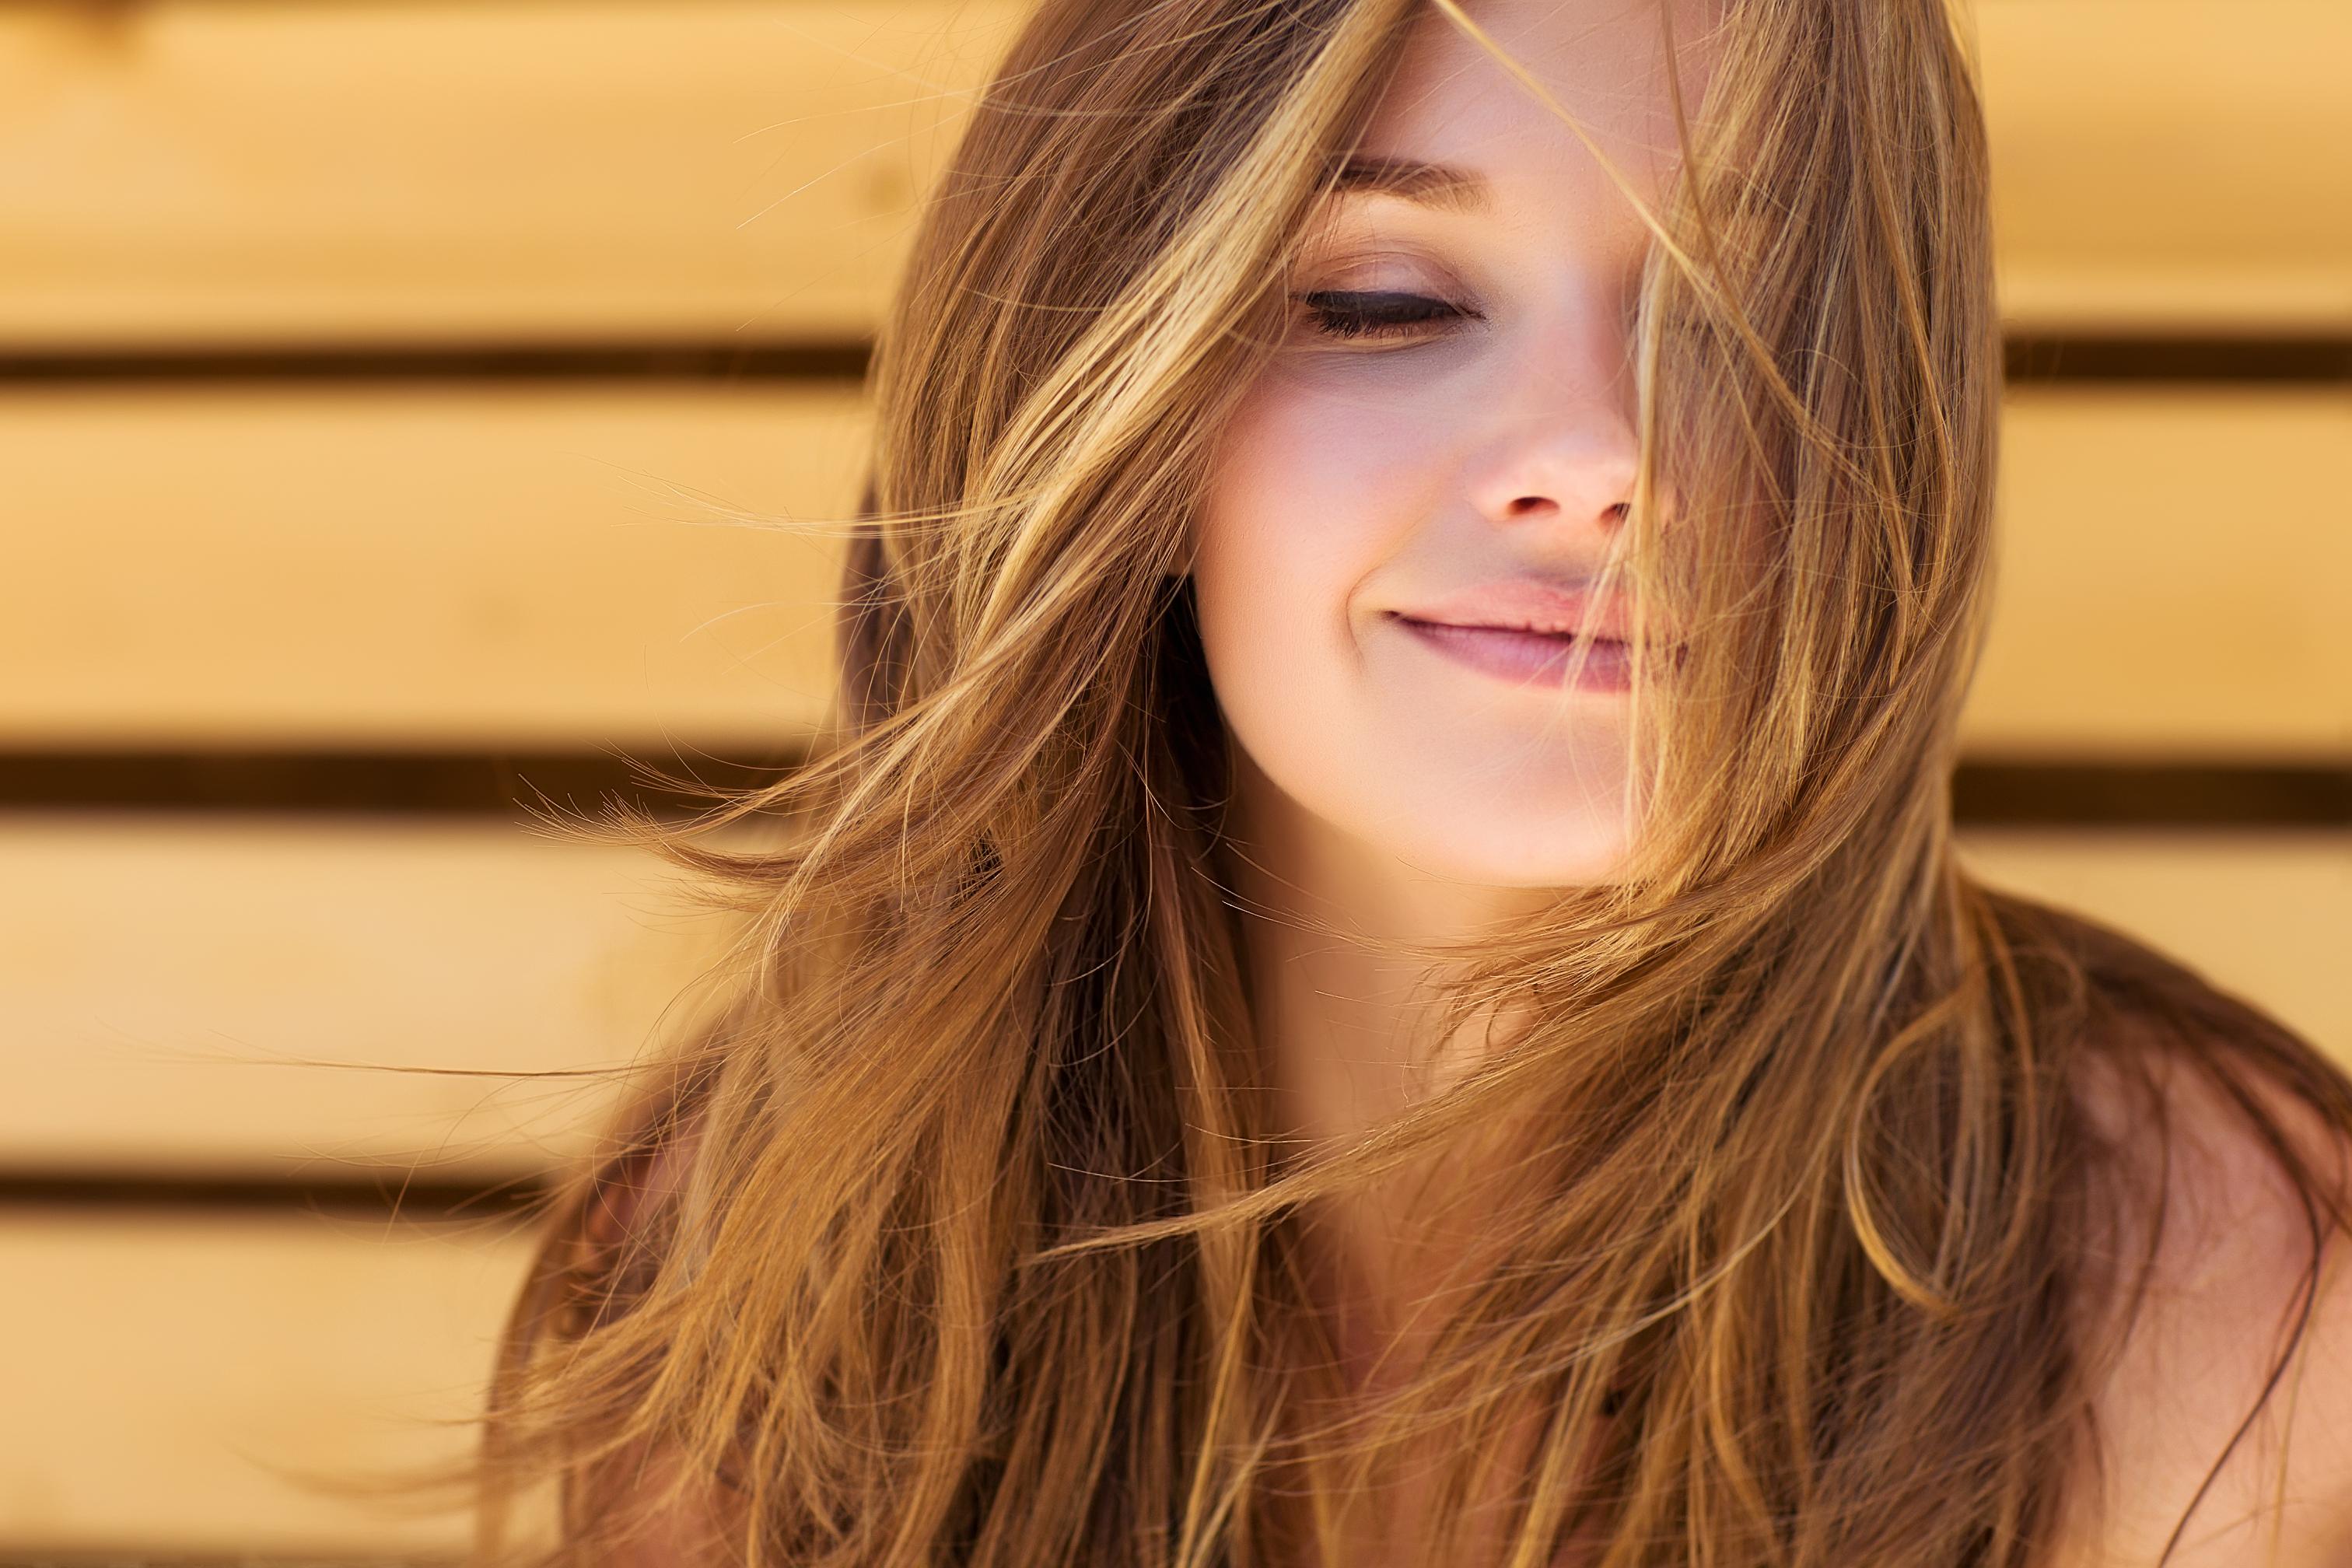 困り顔の女性の特徴・人気の理由を紹介!困り顔の作り方も解説のサムネイル画像